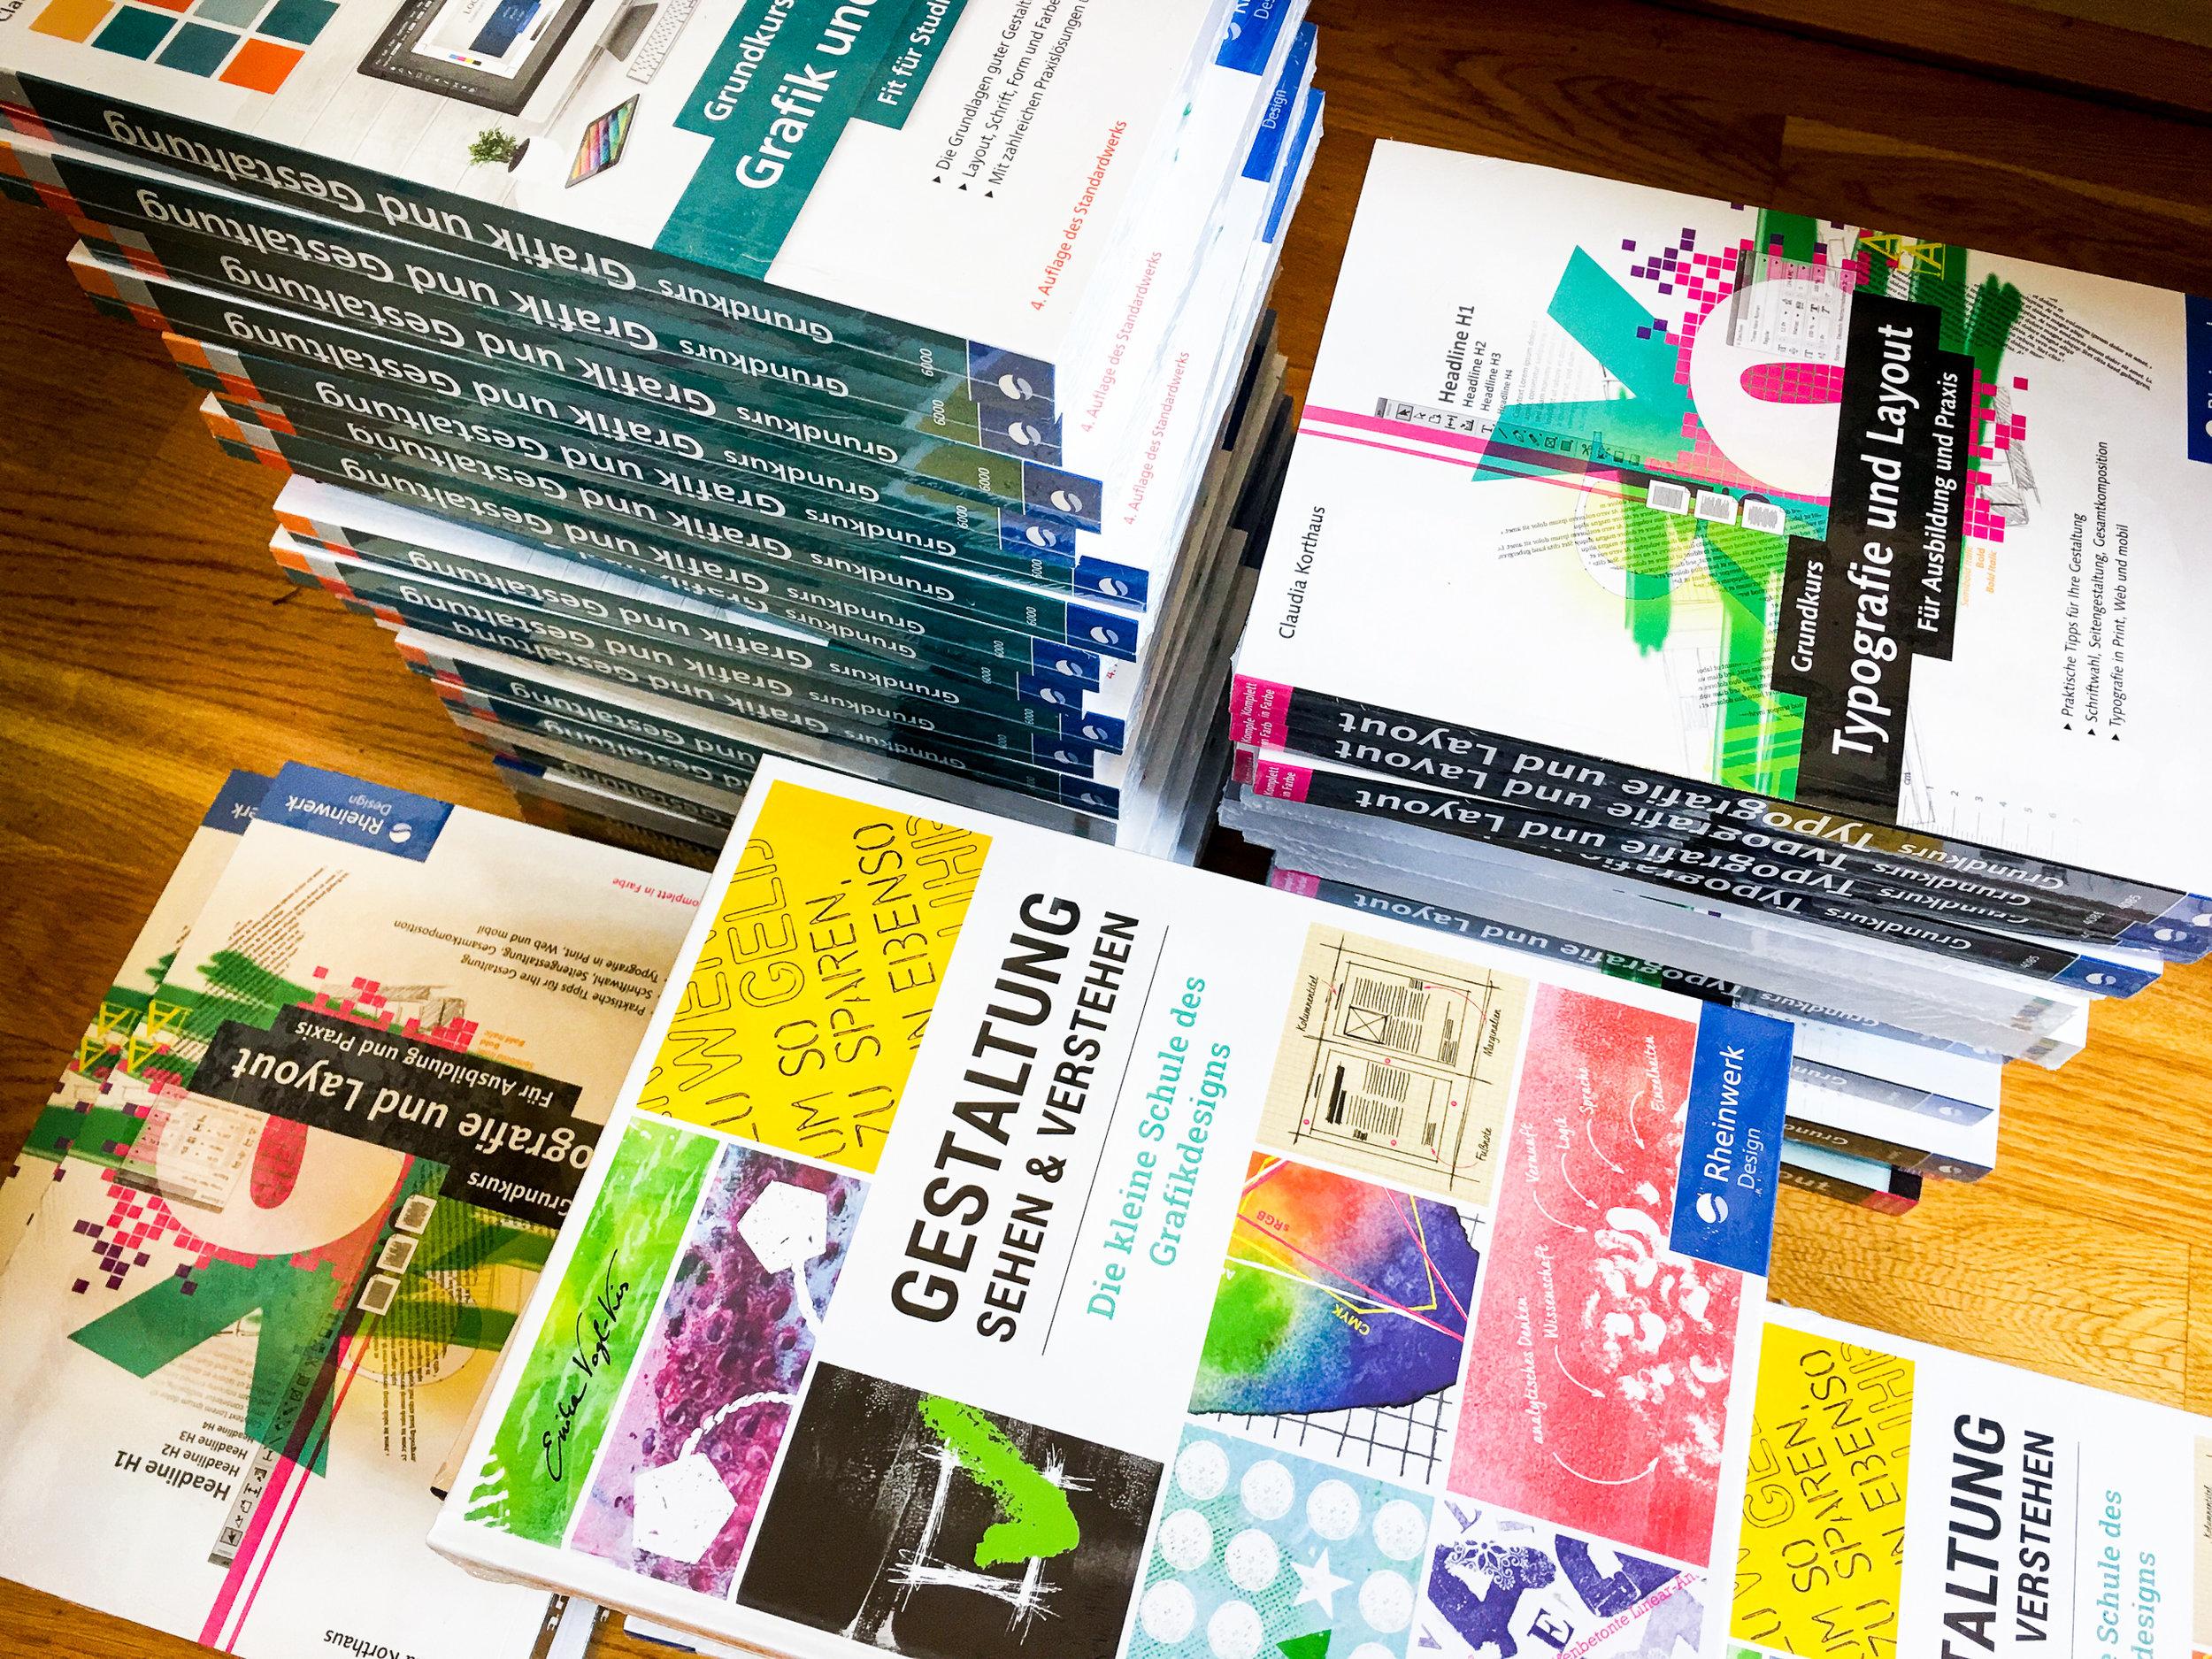 Die LIK Akademie für Foto und Design empfiehlt die Bücher des Rheinwerk Verlags.